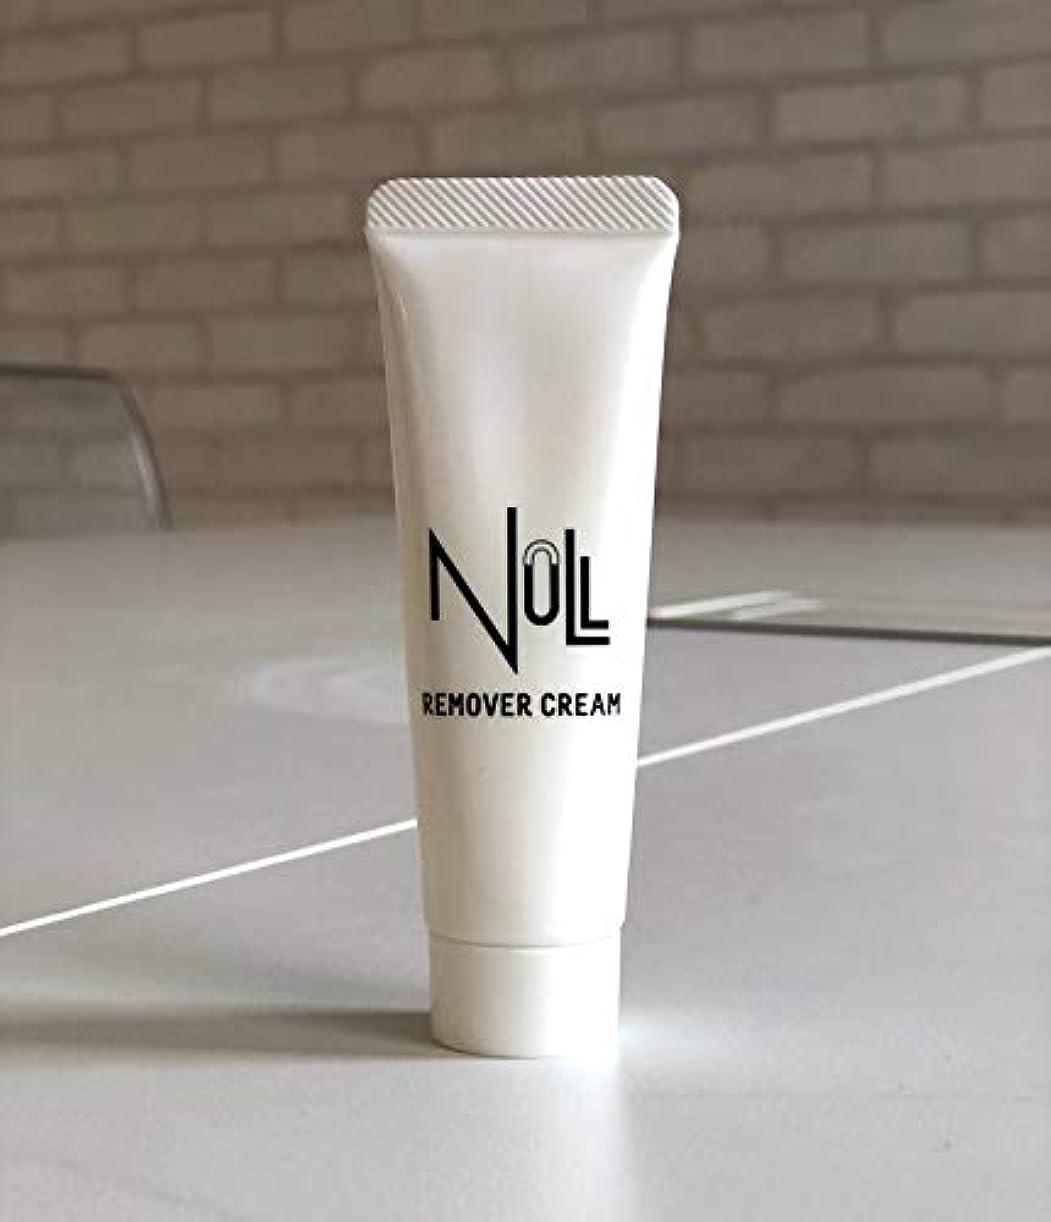 狂った小競り合いゴネリルNULL メンズ 薬用リムーバークリーム 除毛クリーム ミニサンプル 20g (陰部/Vライン/アンダーヘア/ボディ用)